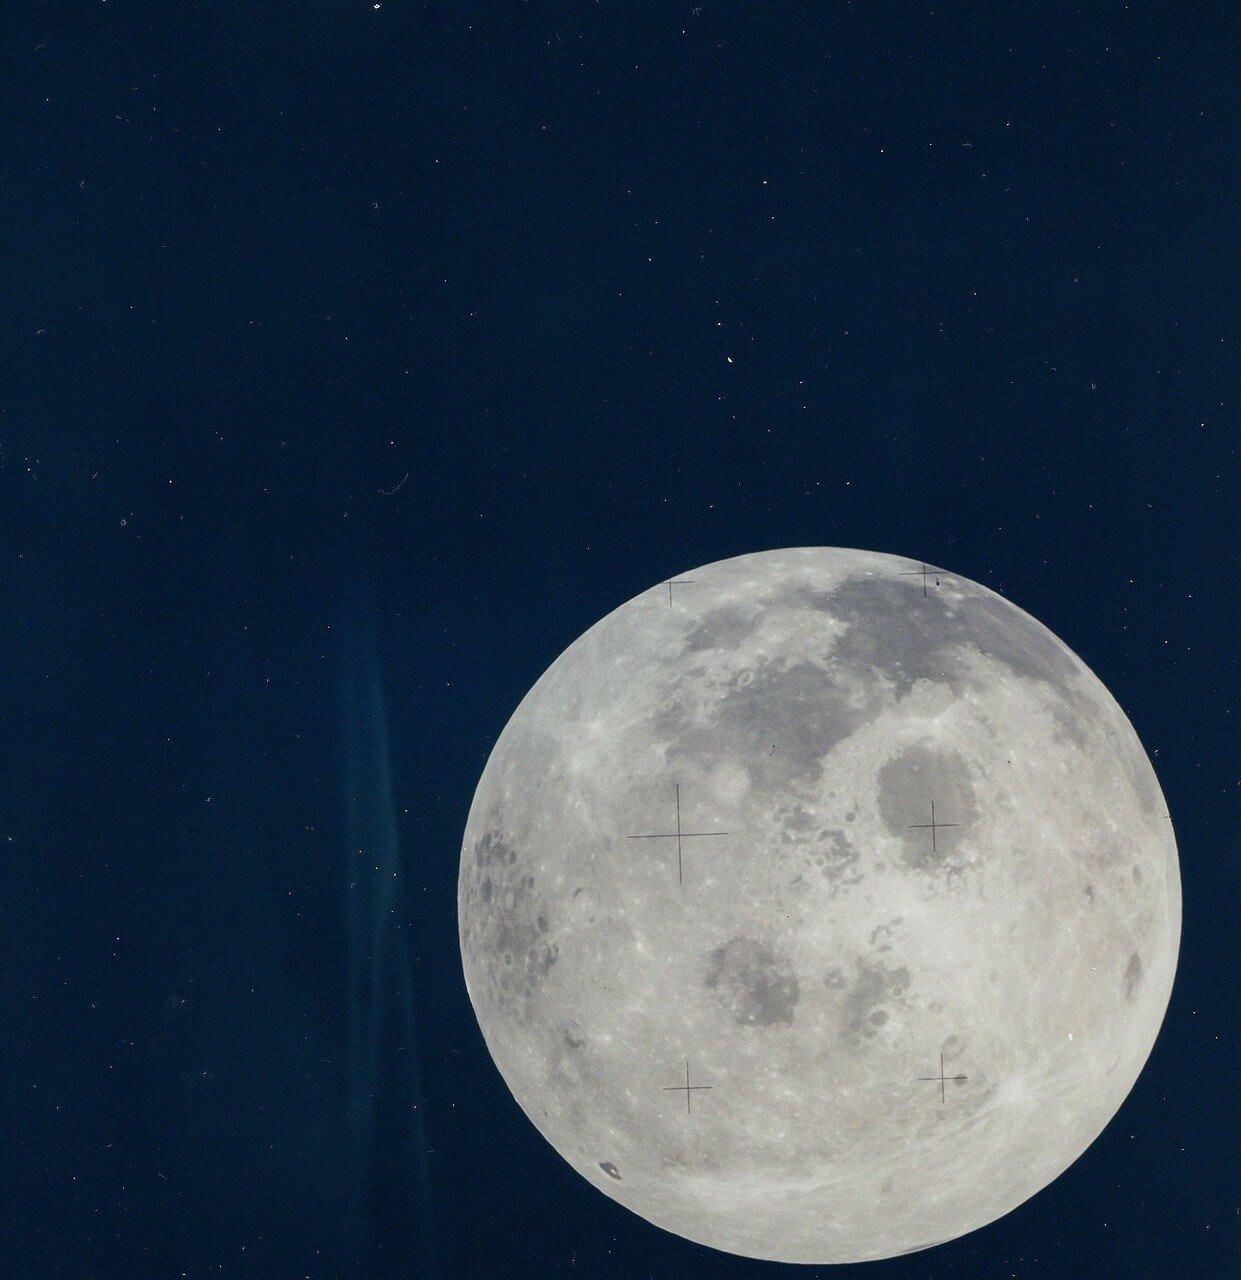 В 03:40:50 была произведена первая коррекция с помощью двигателя служебного модуля. «Аполлон-13» перешёл на так называемую «гибридную» траекторию. На снимке: Полная Луна